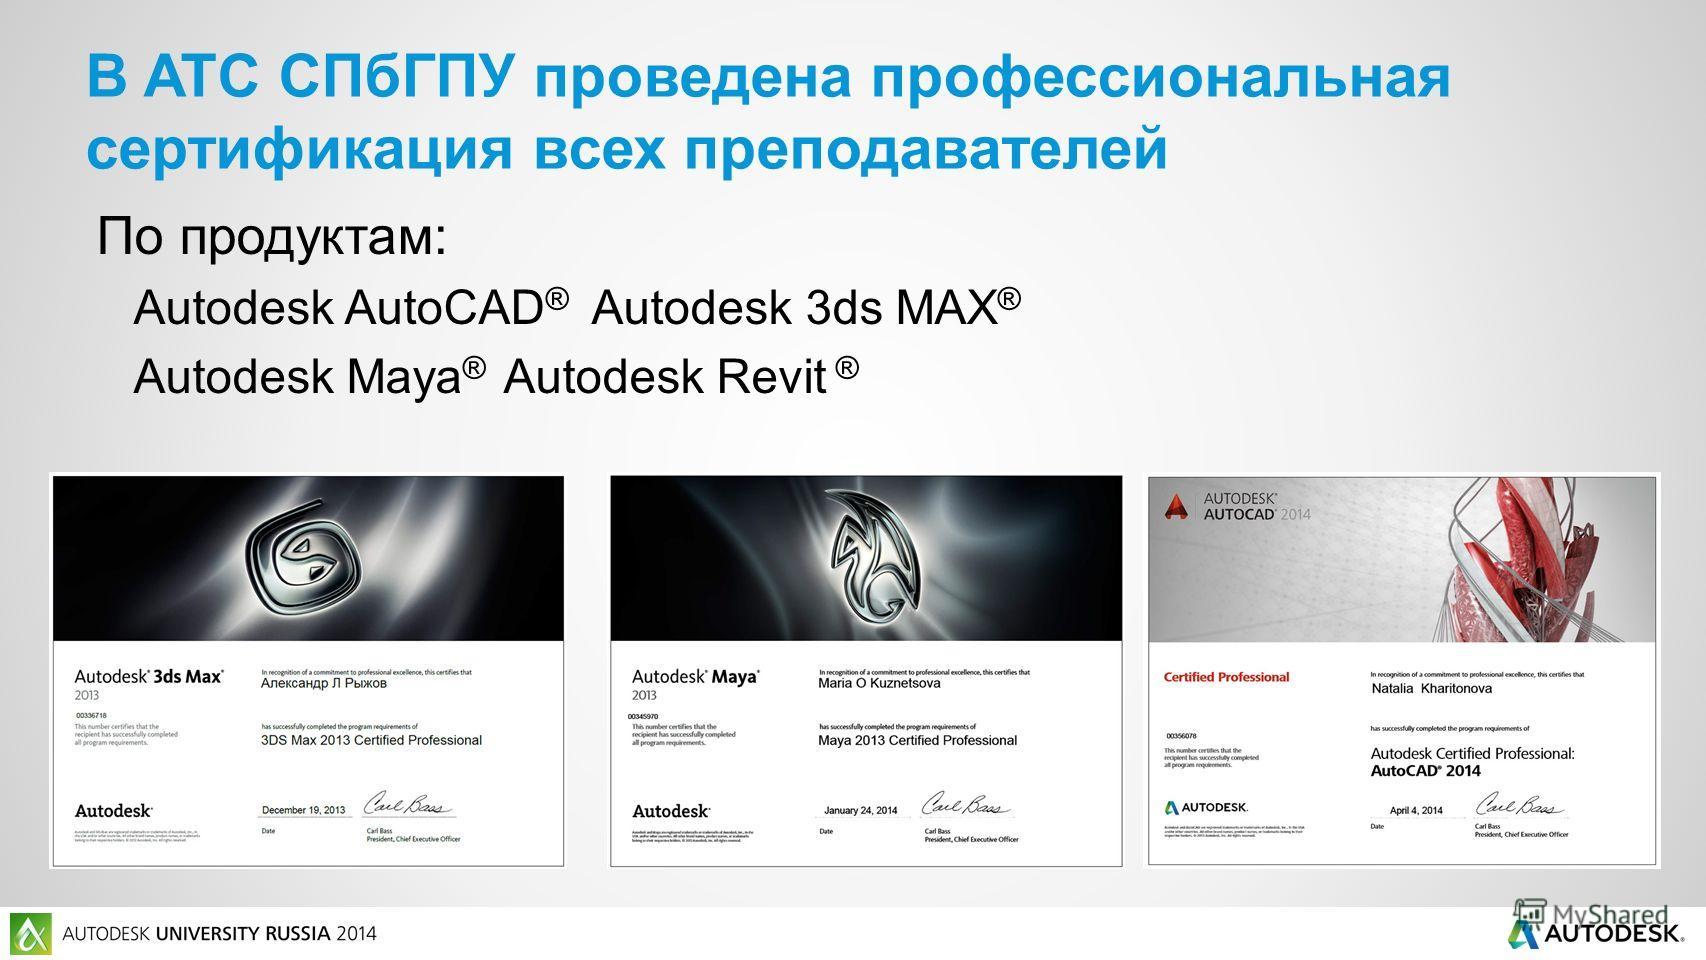 По продуктам: Autodesk AutoCAD ® Autodesk 3ds MAX ® Autodesk Maya ® Autodesk Revit ® В ATC СПбГПУ проведена профессиональная сертификация всех преподавателей